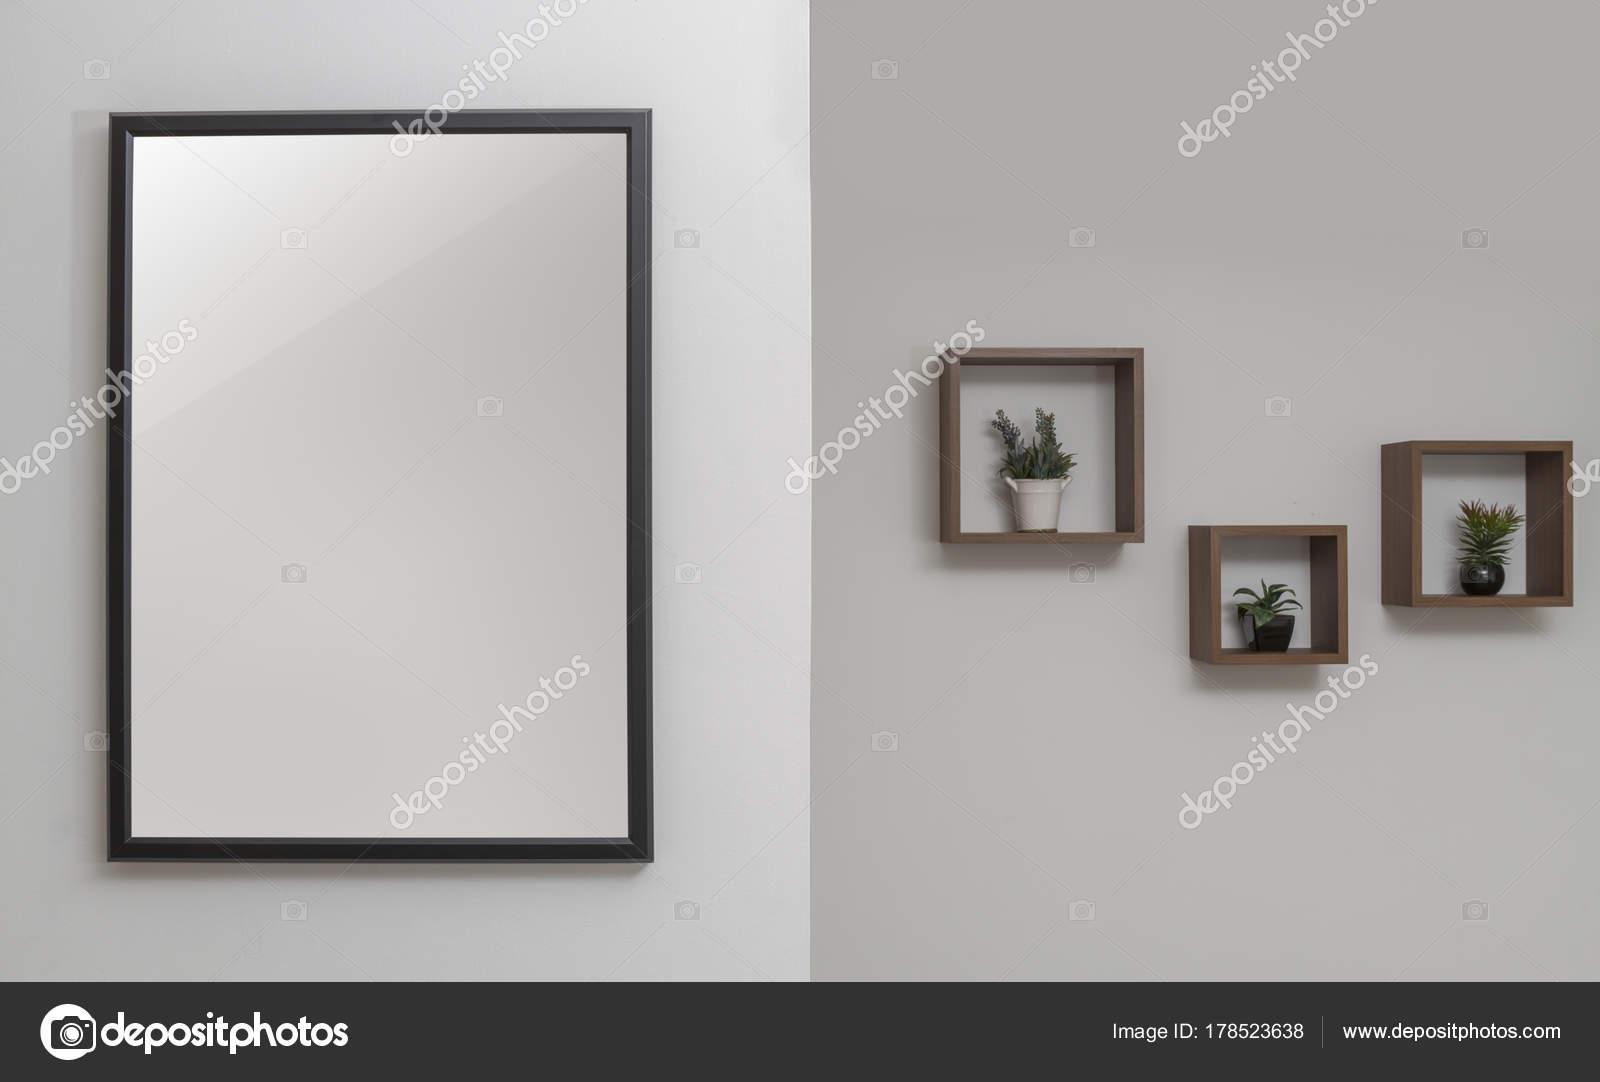 Foto Decoratie Muur.Muur Decoratie Zwarte Houten Frame En Muur Planken Stockfoto